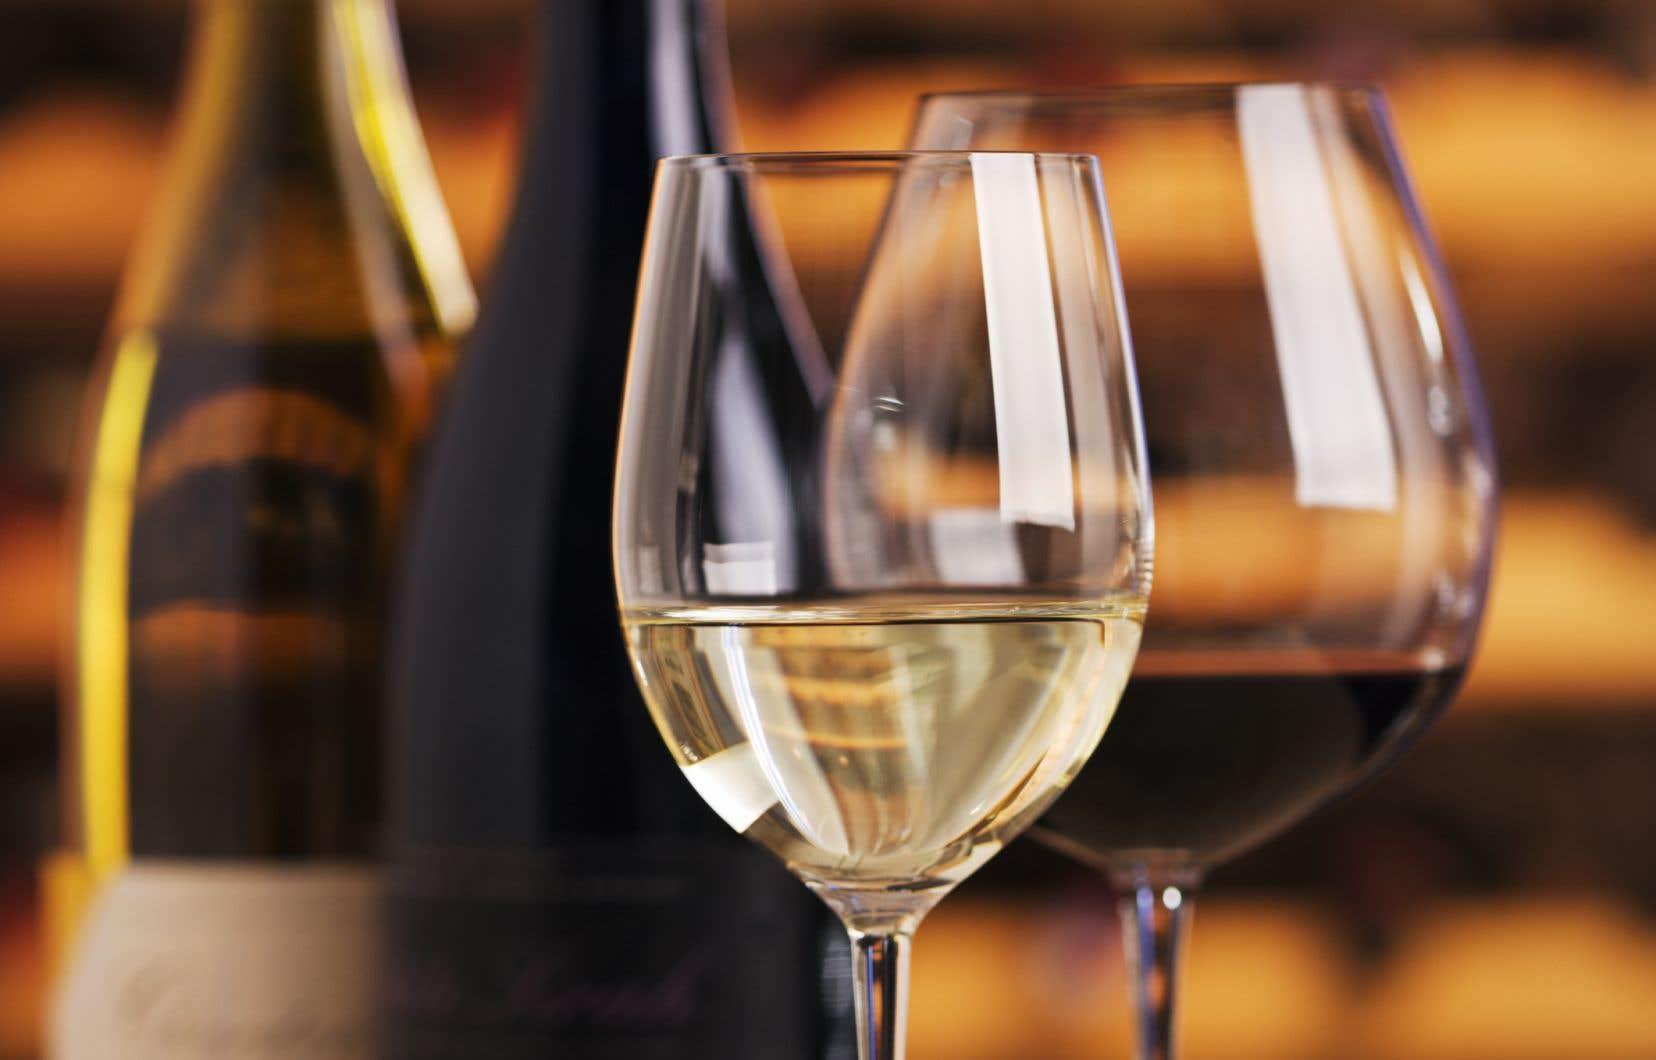 Si, en amont, le vigneron est inspiré, alors celui qui, en aval, en appréciera la démarche devenue artistique s'en trouvera lui-même inspiré.